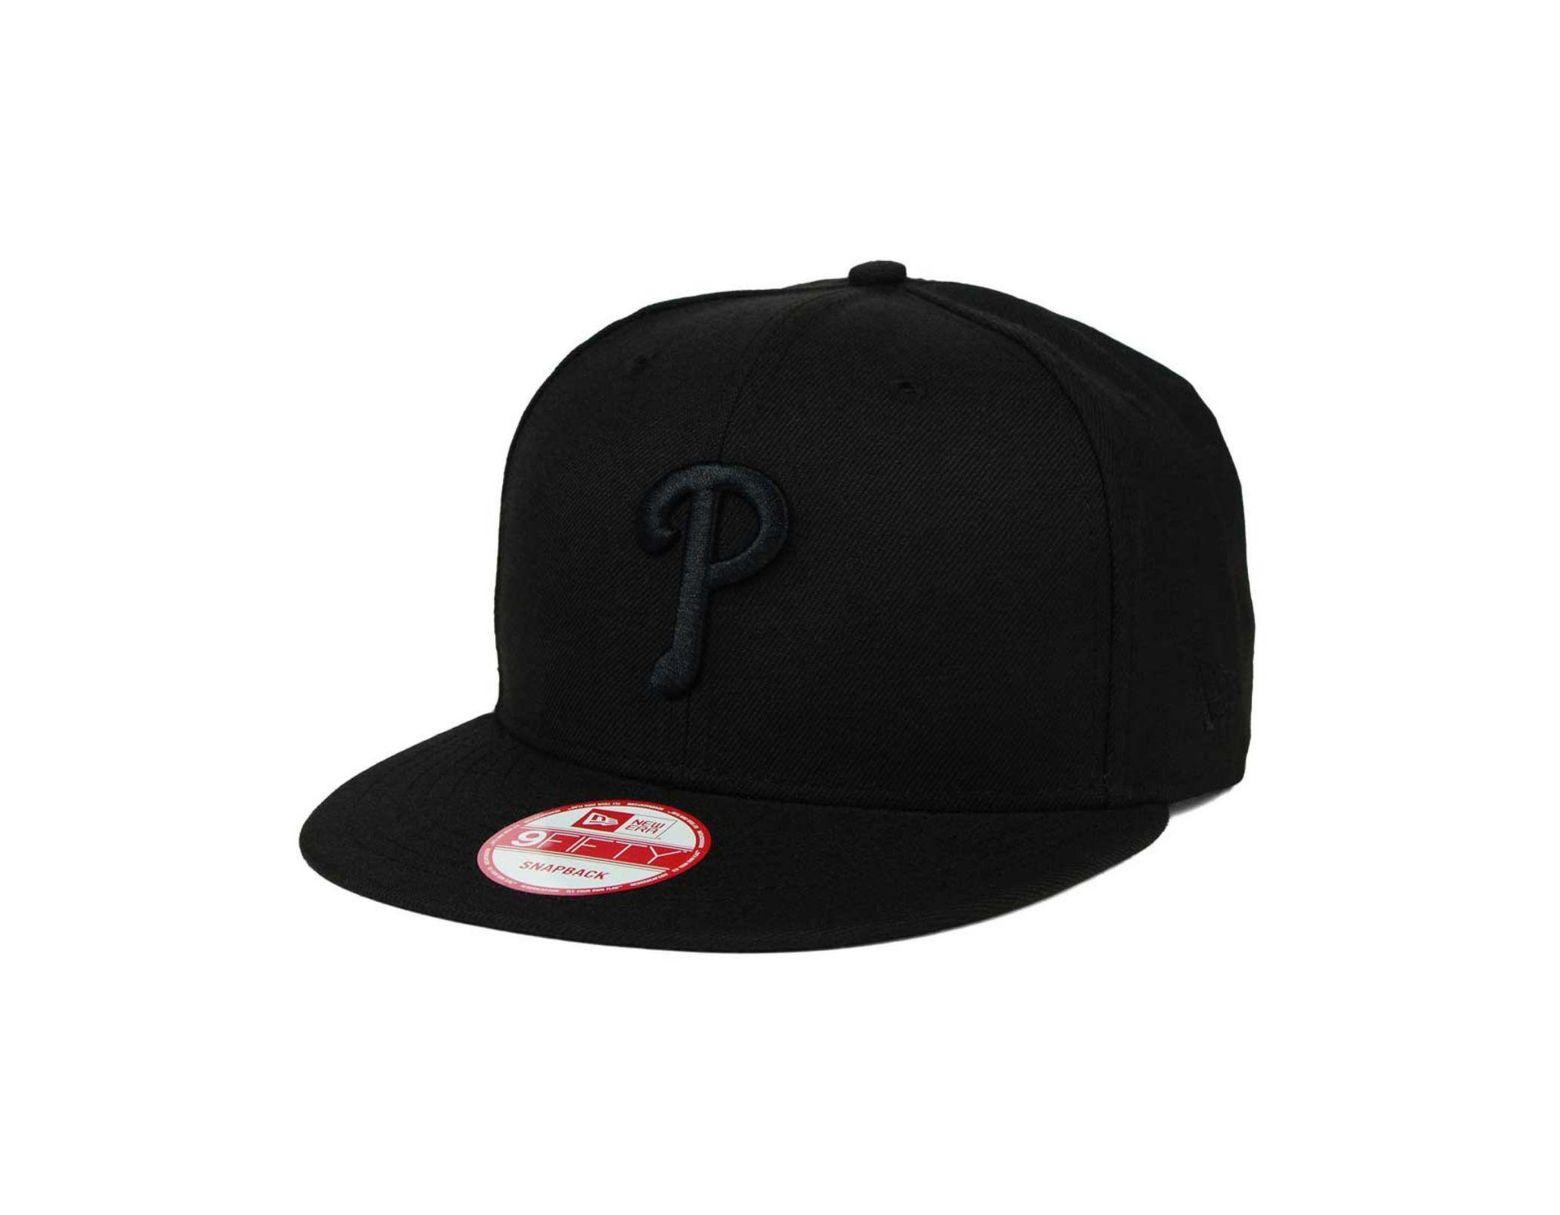 8cd7bd79b5938 KTZ Philadelphia Phillies Black On Black 9fifty Snapback Cap in Black for  Men - Lyst